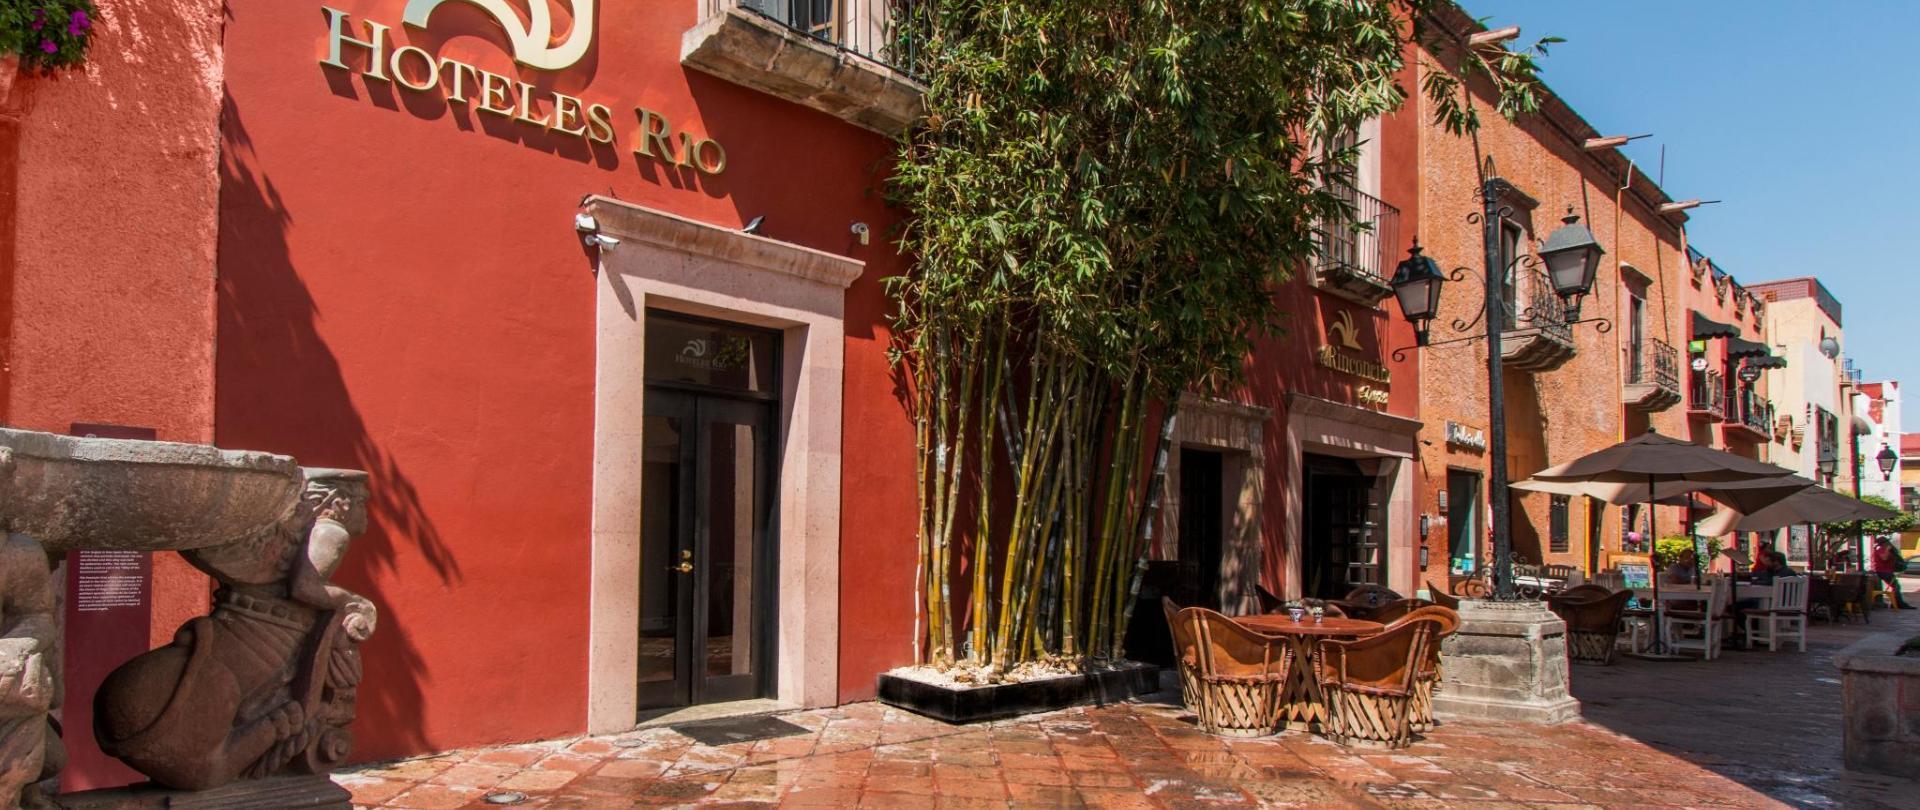 Hotel Rio Queretaro Foto Principal (1).jpg